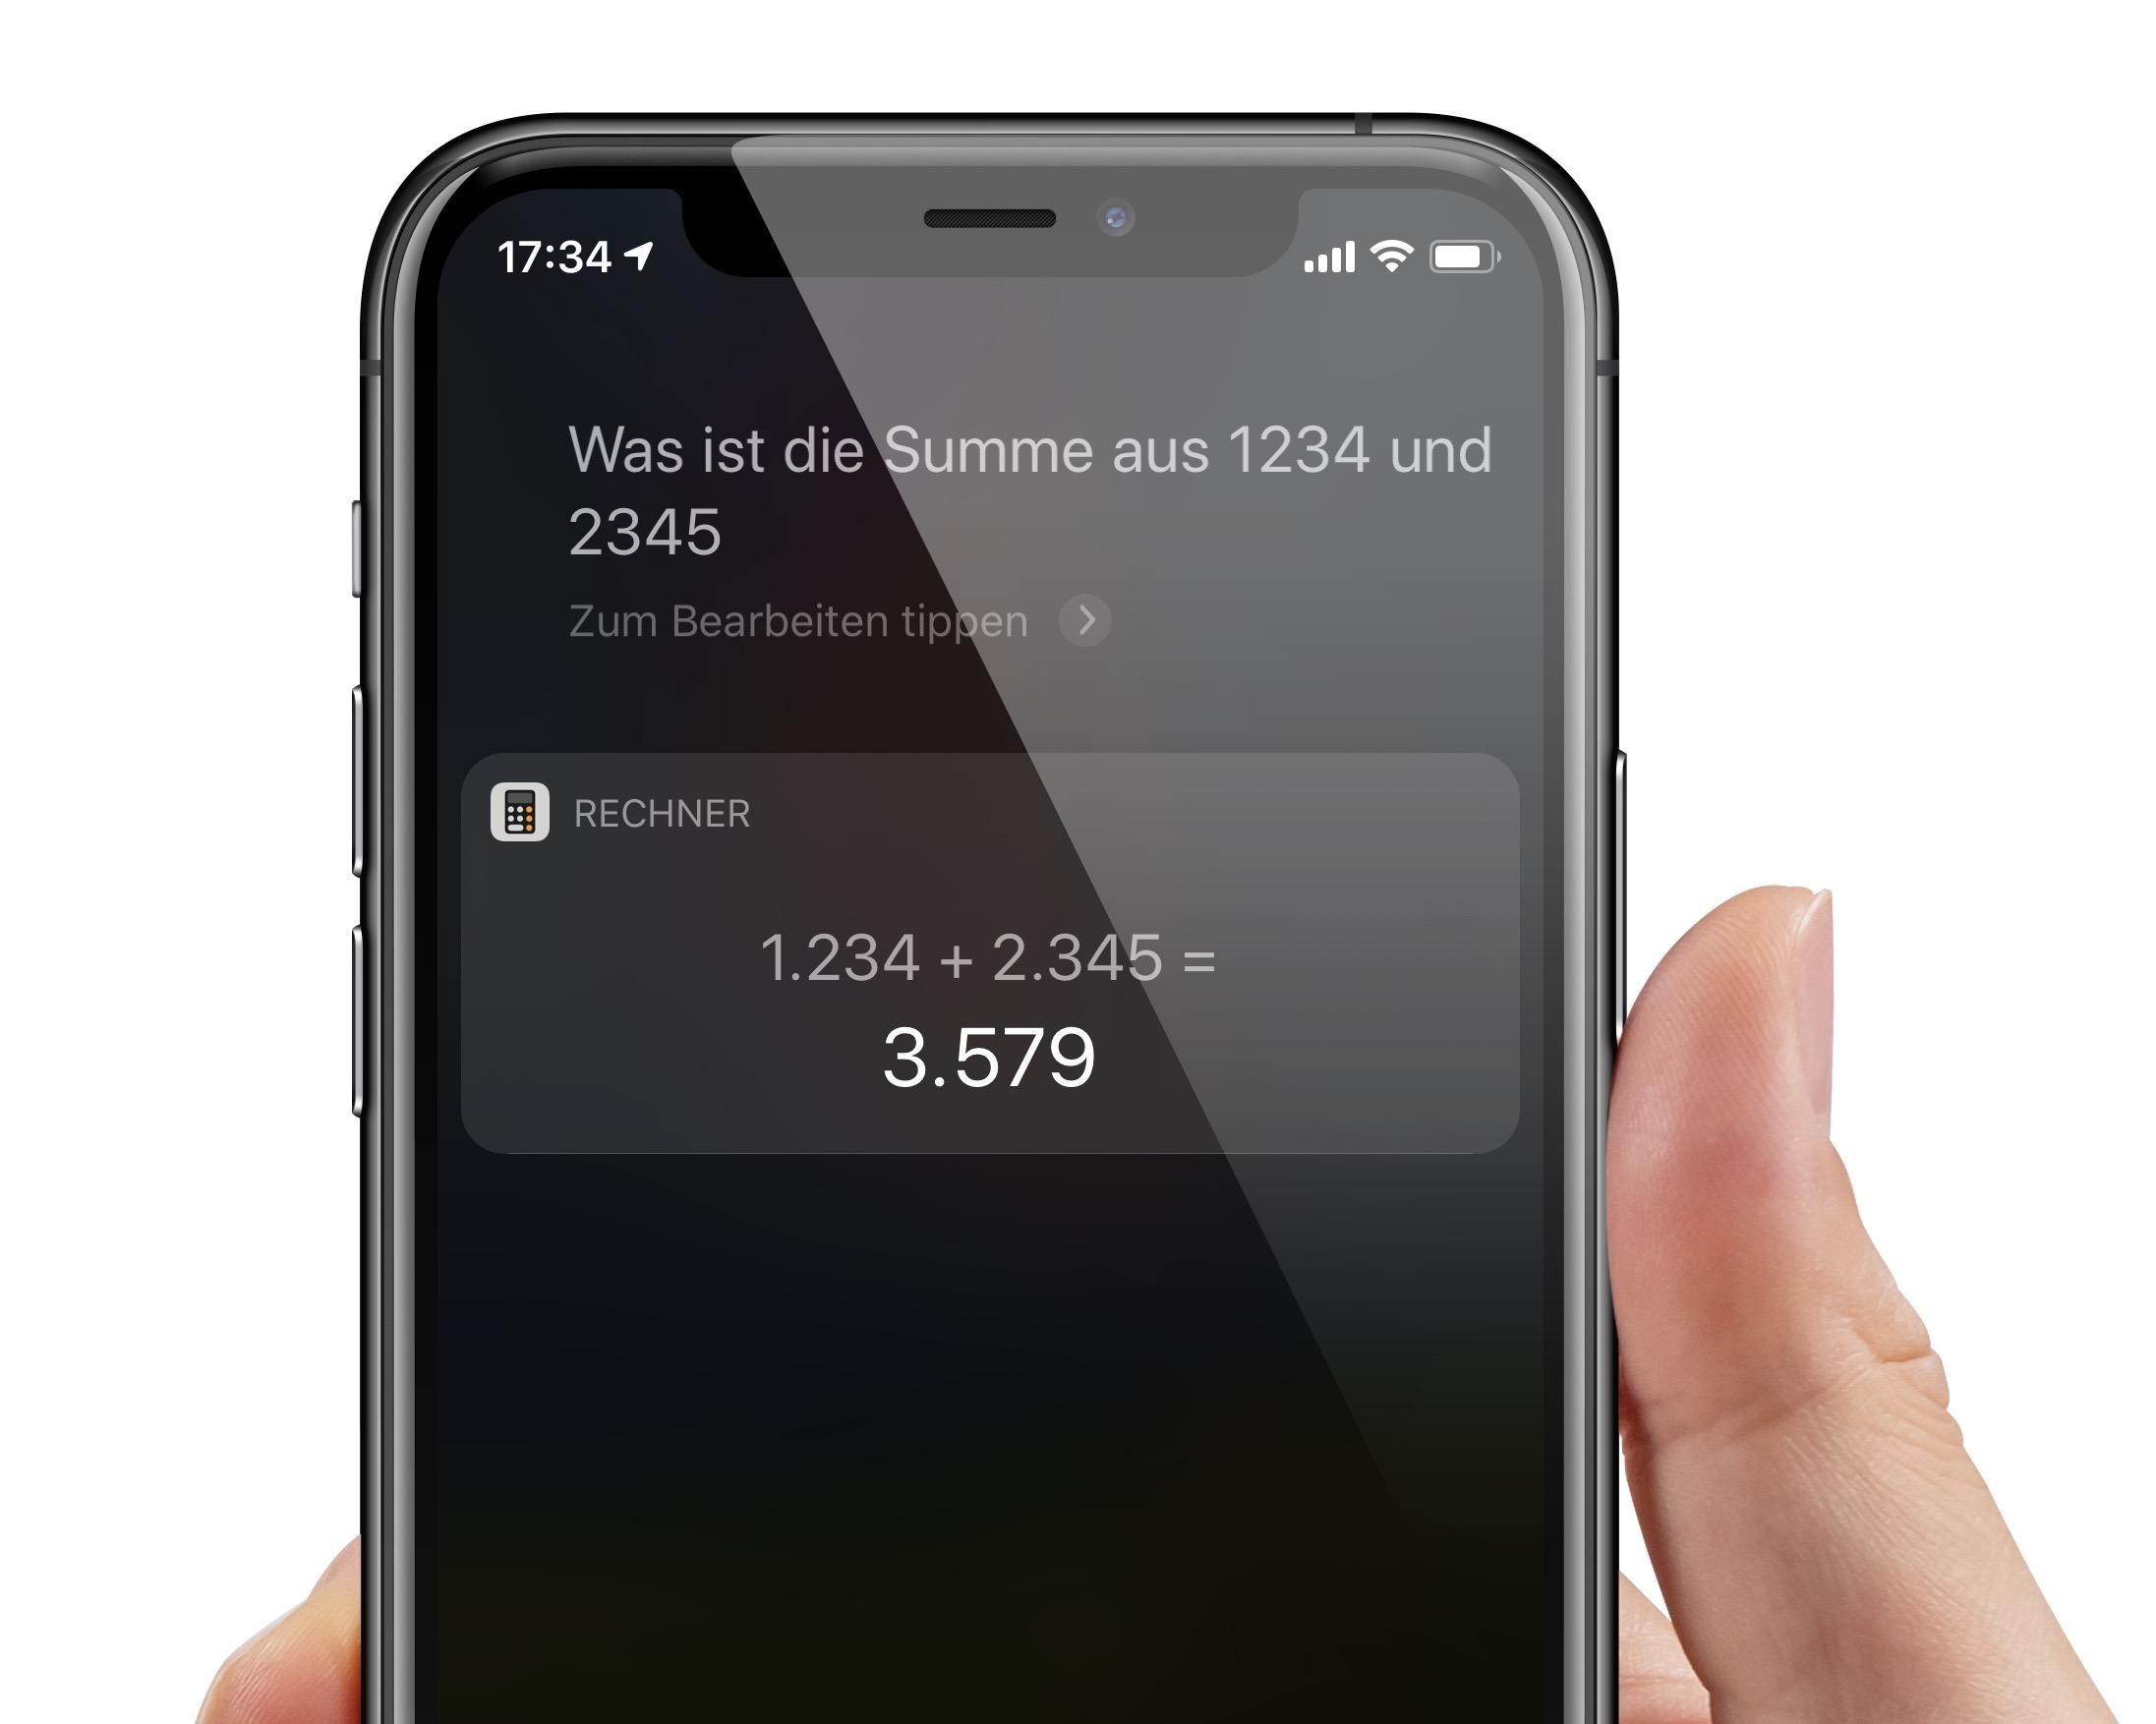 iphone-ios-siri-mathe-aufgaben-rechnen